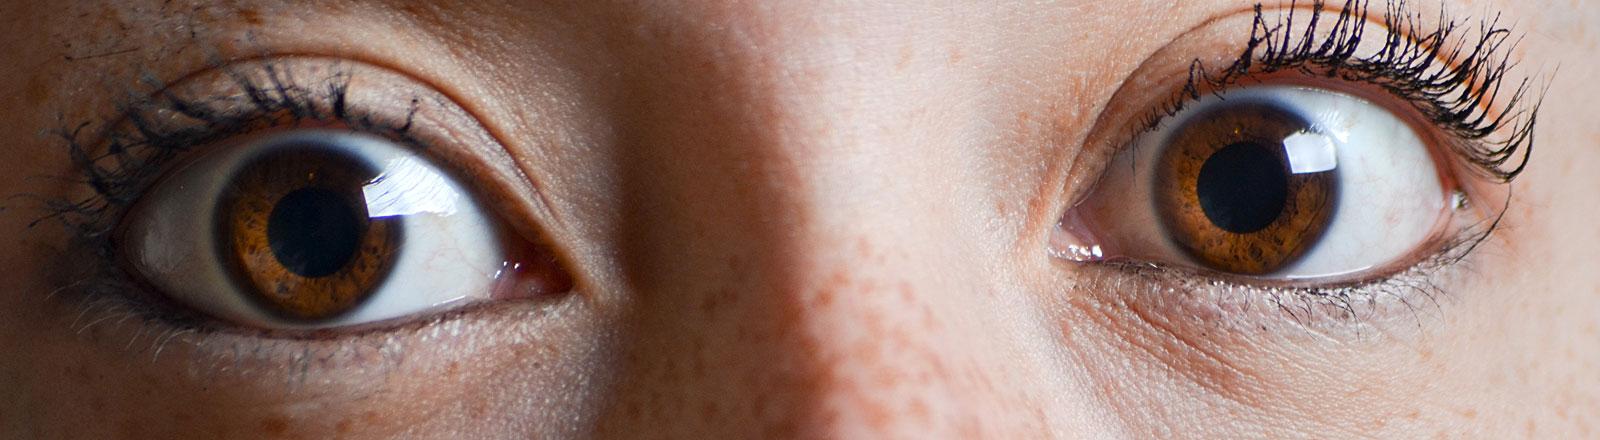 Frau reißt ihre braunen Augen auf